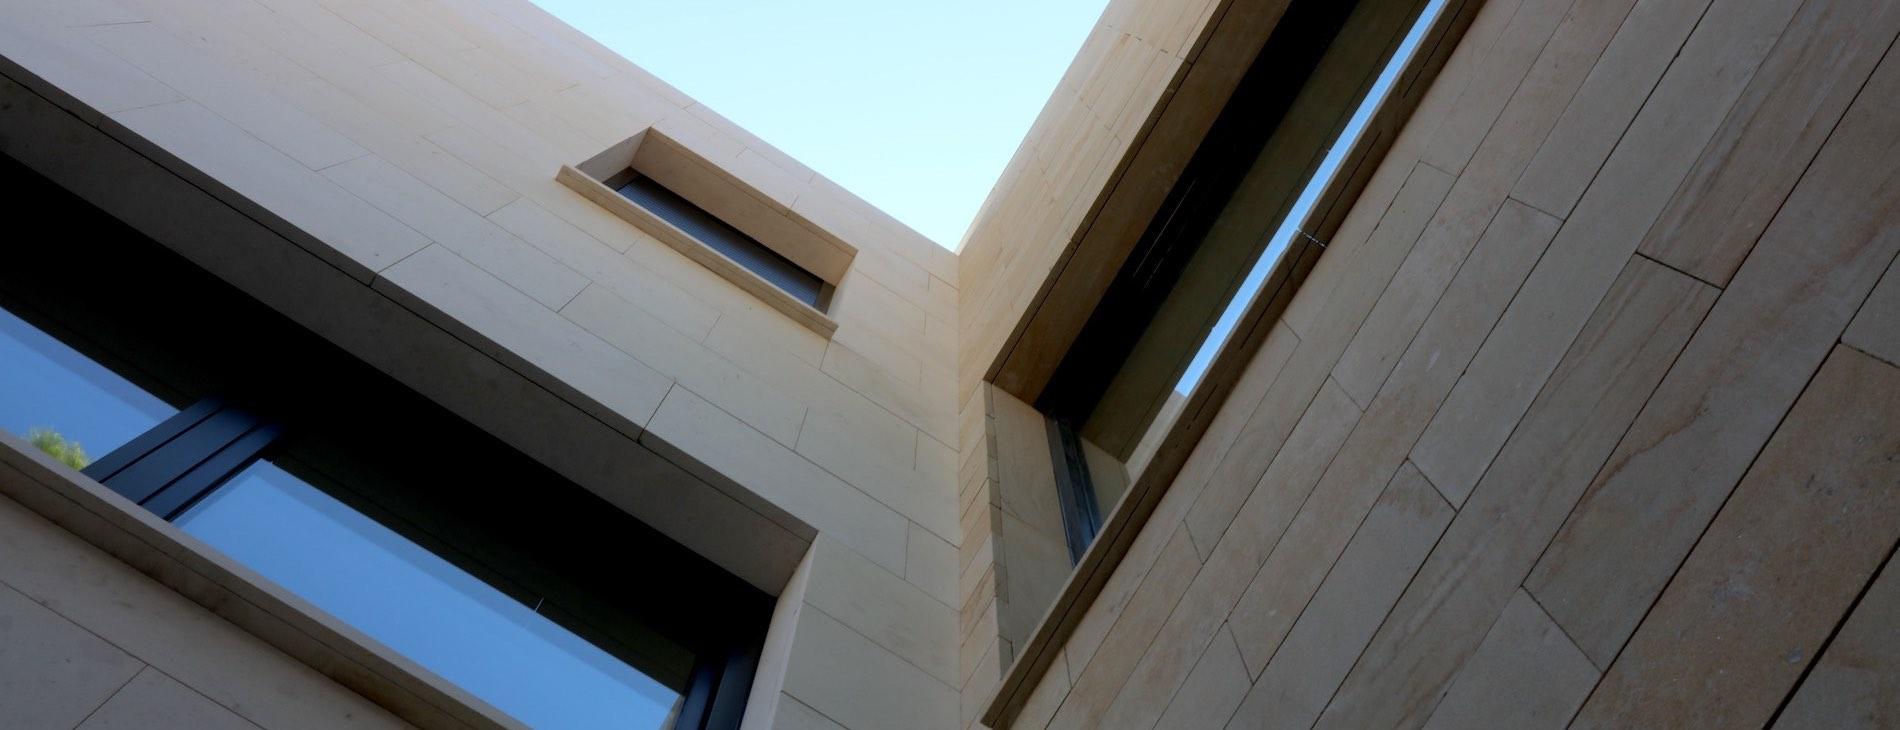 Construcción Vivienda Madrid | Empresa Constructora Vivienda Madrid